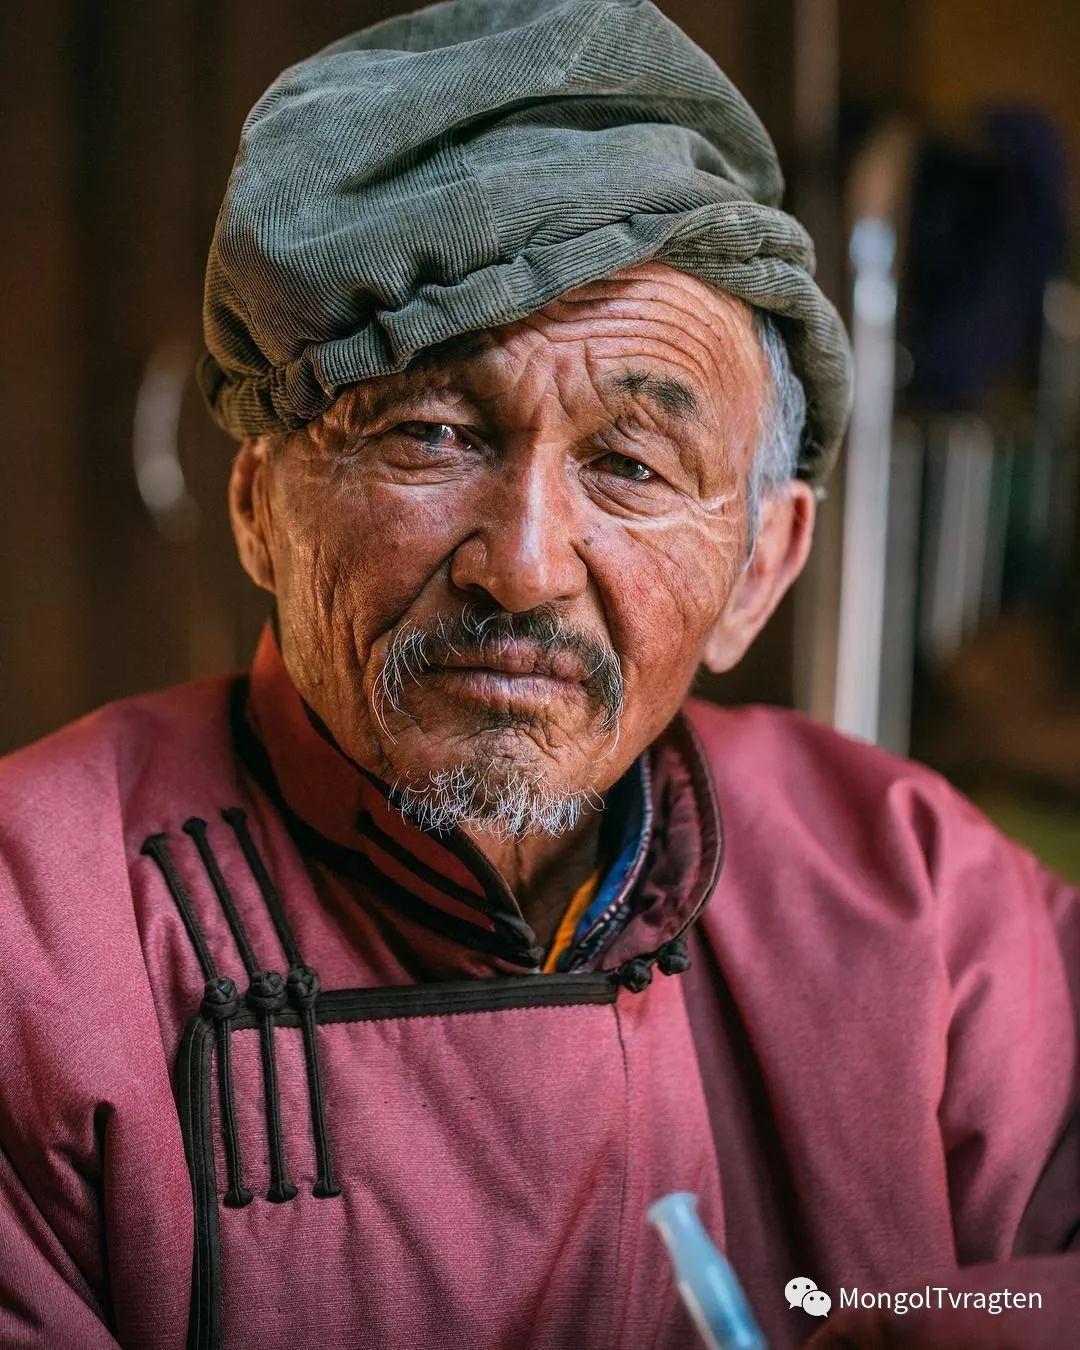 蒙古影像-- khangaikhuu.P 第6张 蒙古影像-- khangaikhuu.P 蒙古文化